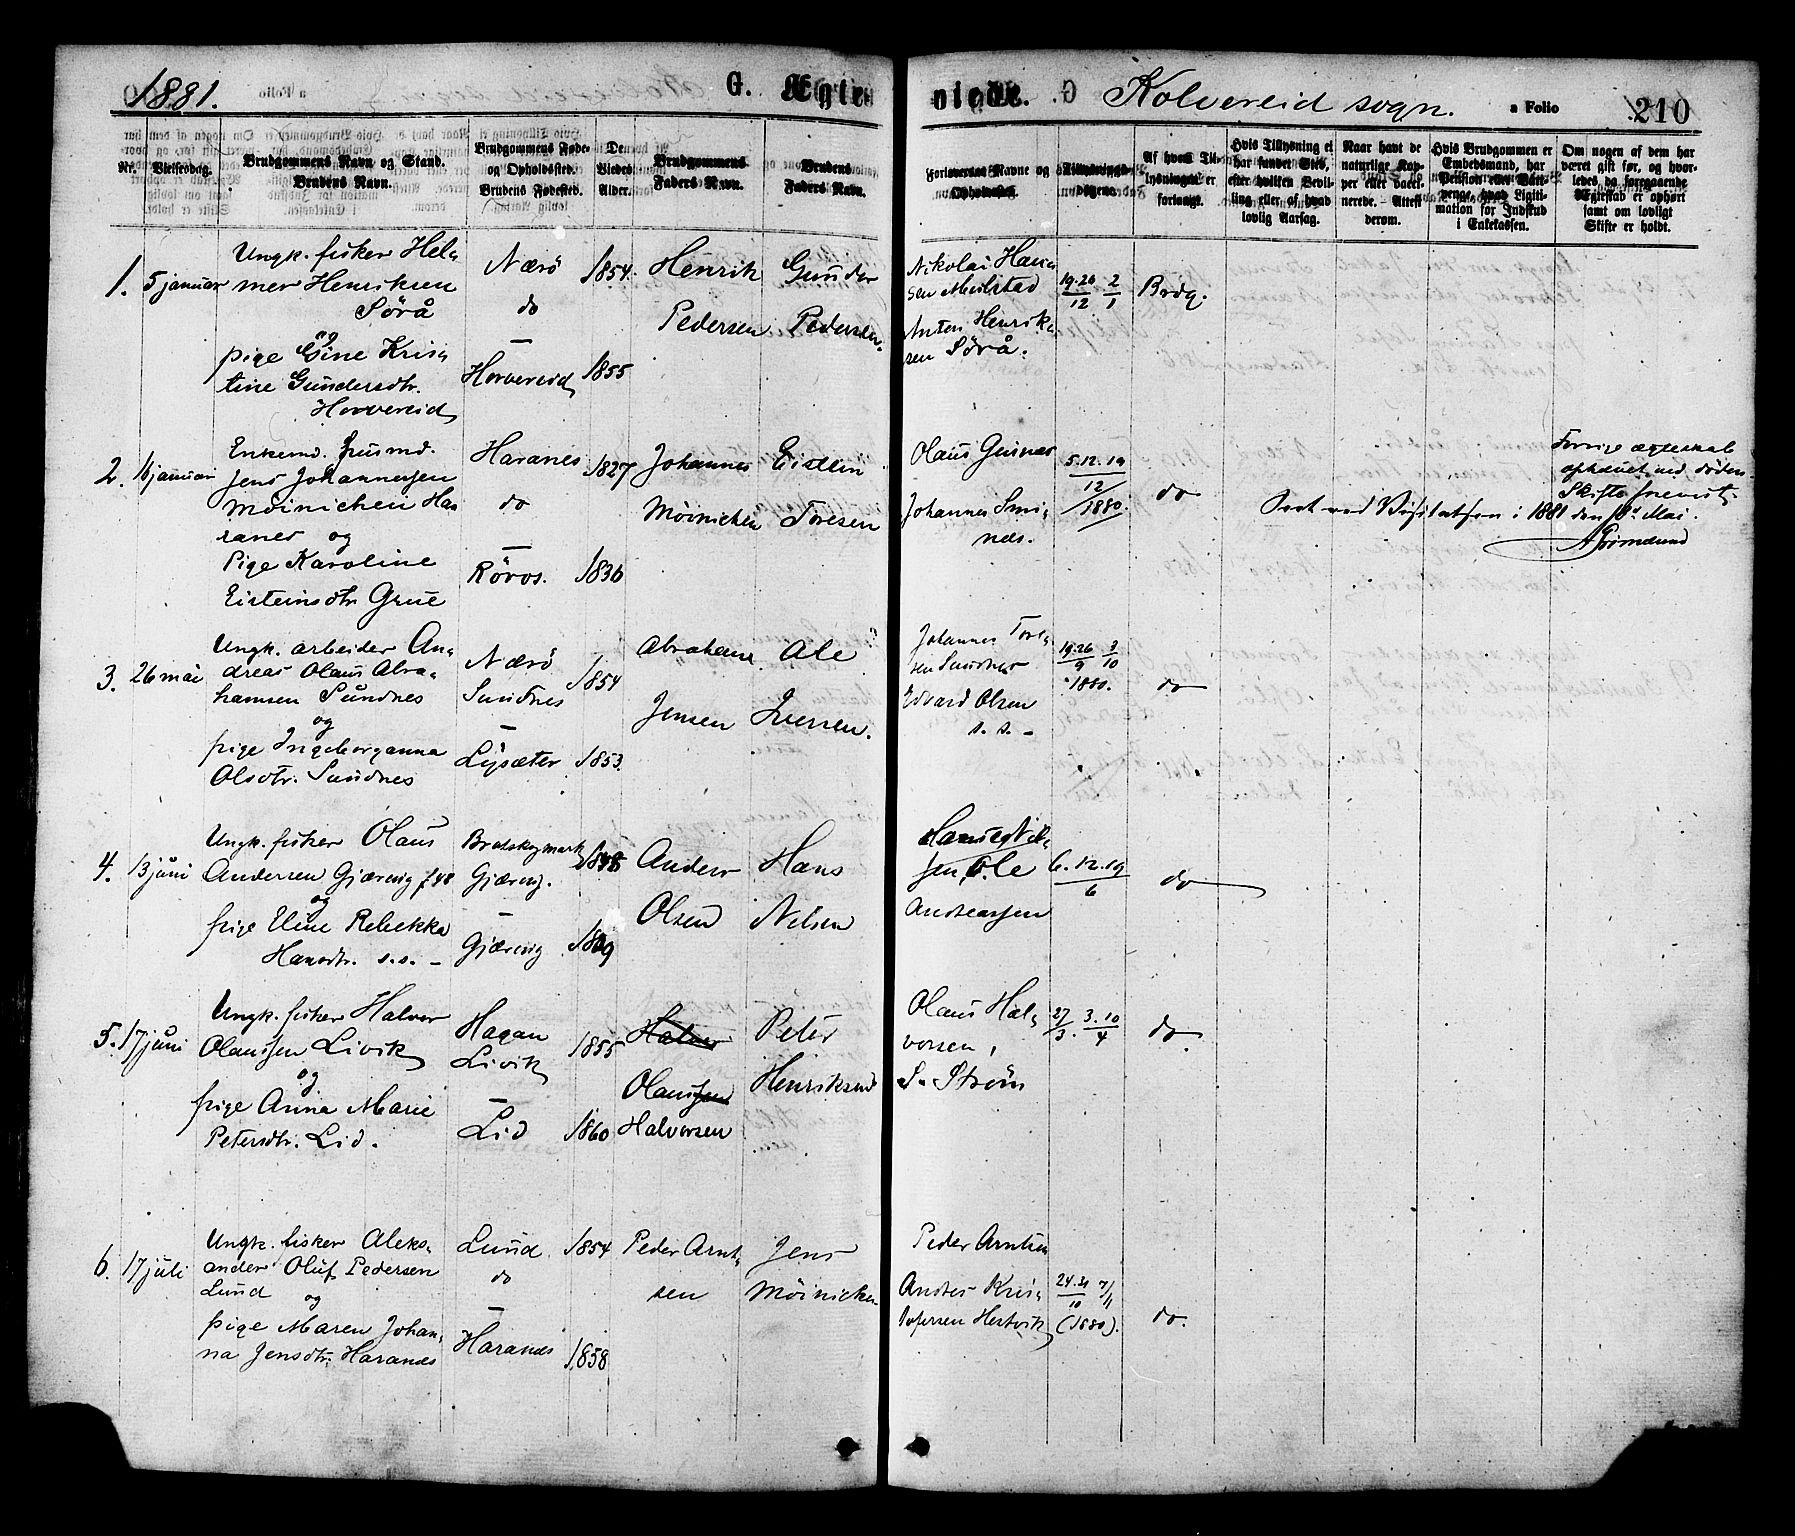 SAT, Ministerialprotokoller, klokkerbøker og fødselsregistre - Nord-Trøndelag, 780/L0642: Ministerialbok nr. 780A07 /1, 1874-1885, s. 210